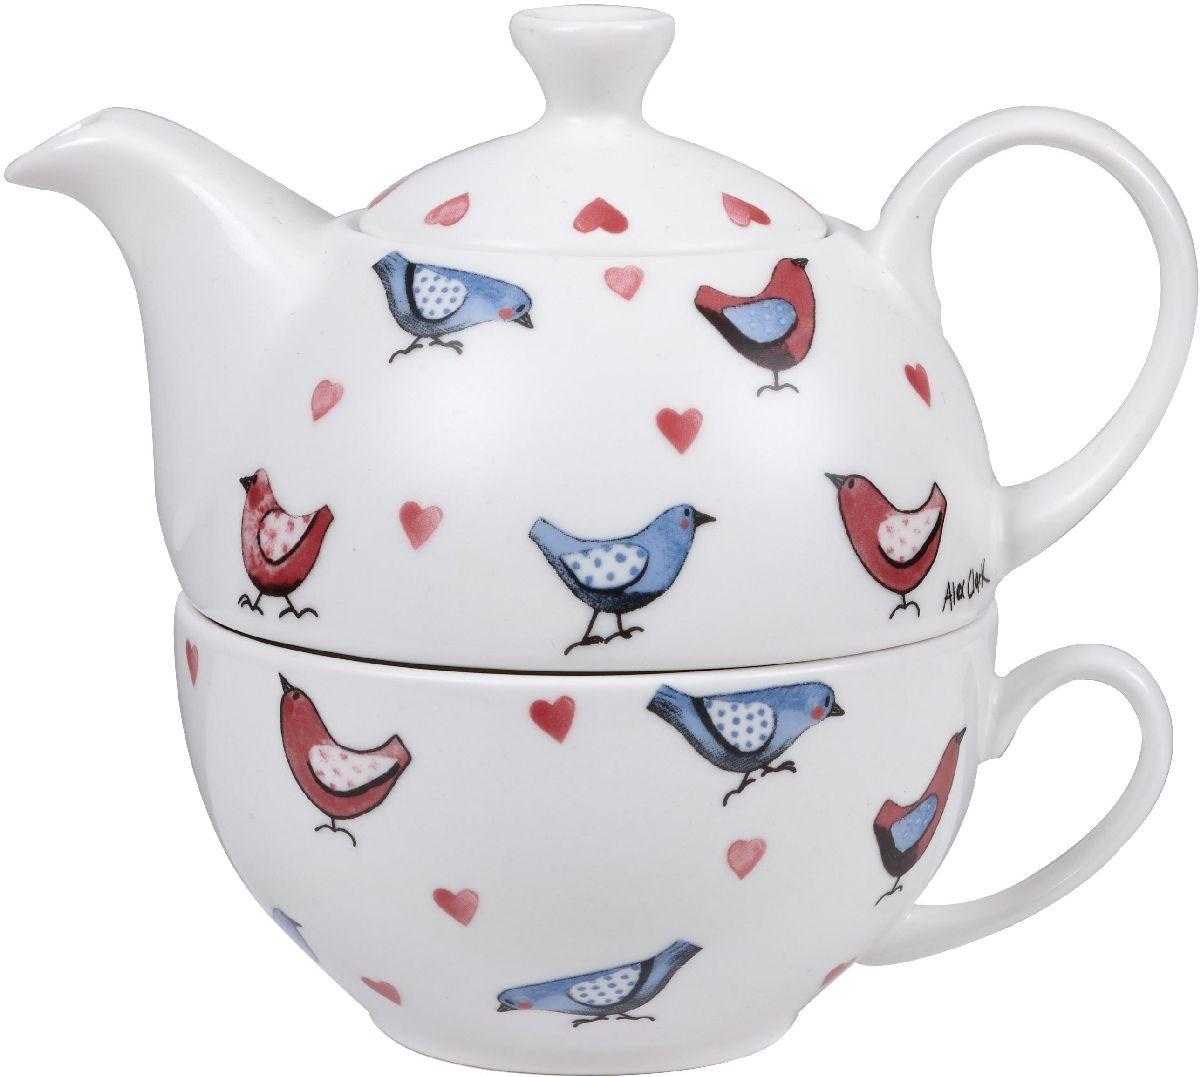 Набор чайный Churchill, 2 предмета. ACLB00121ACLB00121Коллекция Птички - уникальное сочетание живой природы и прекрасные воспоминания из детства. Легкий и простой дизайн с пастельными красками идеально подойдет для любой кухни.